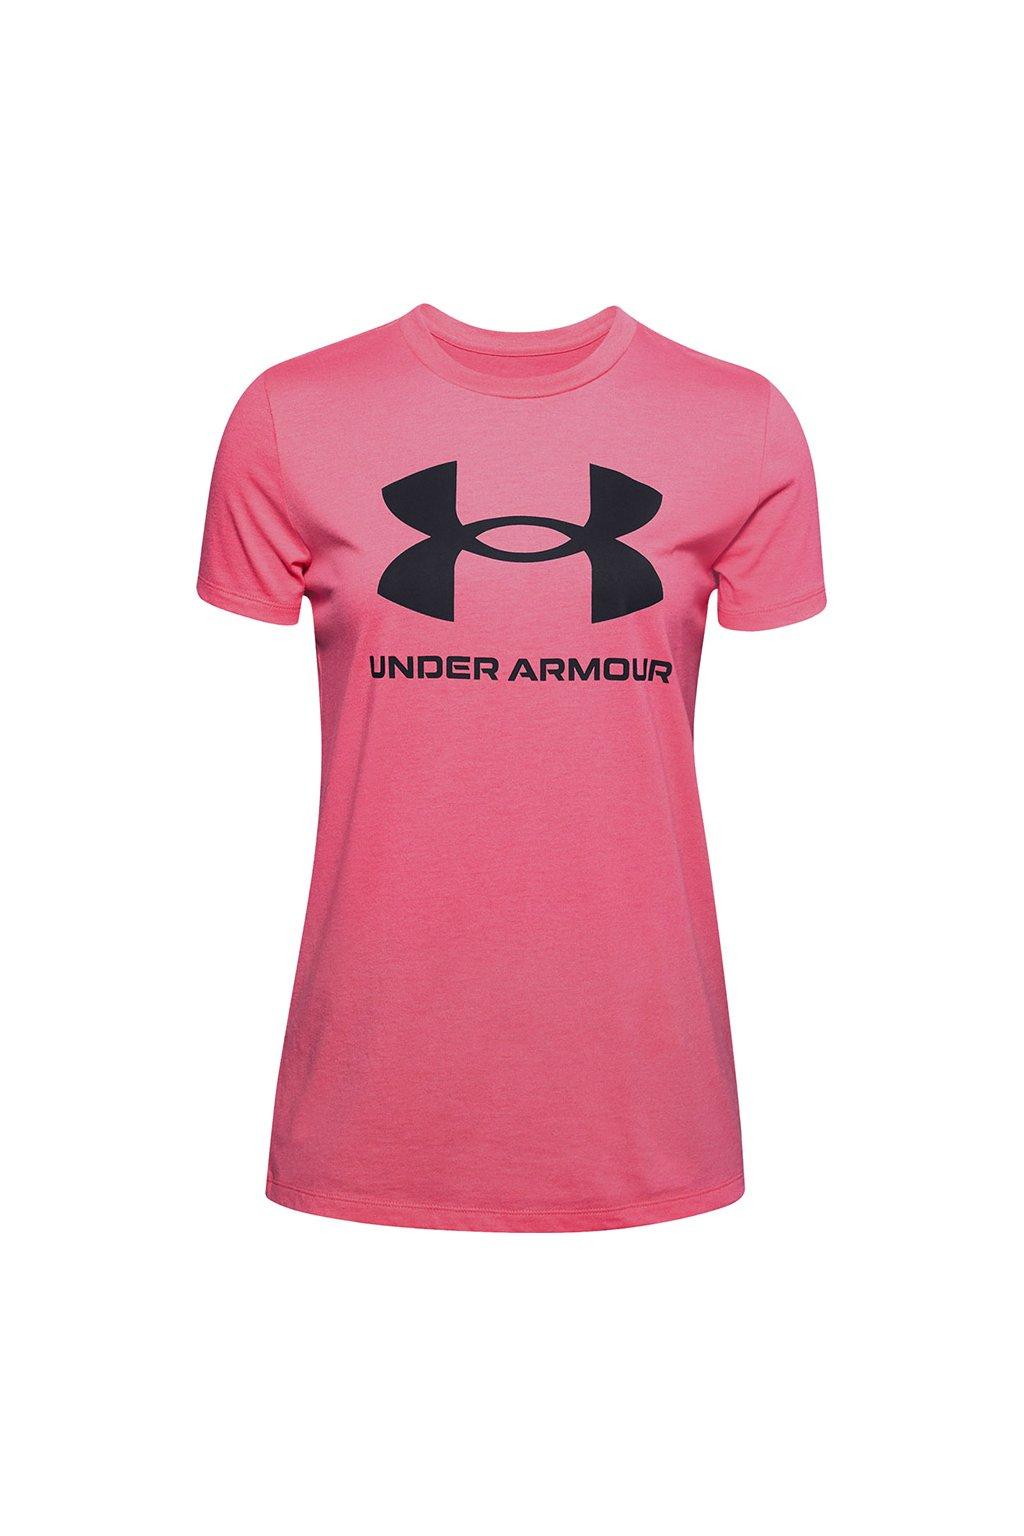 Dámske tričko Under Armour Live Sportstyle Graphic Ssc ružové 1356305 668